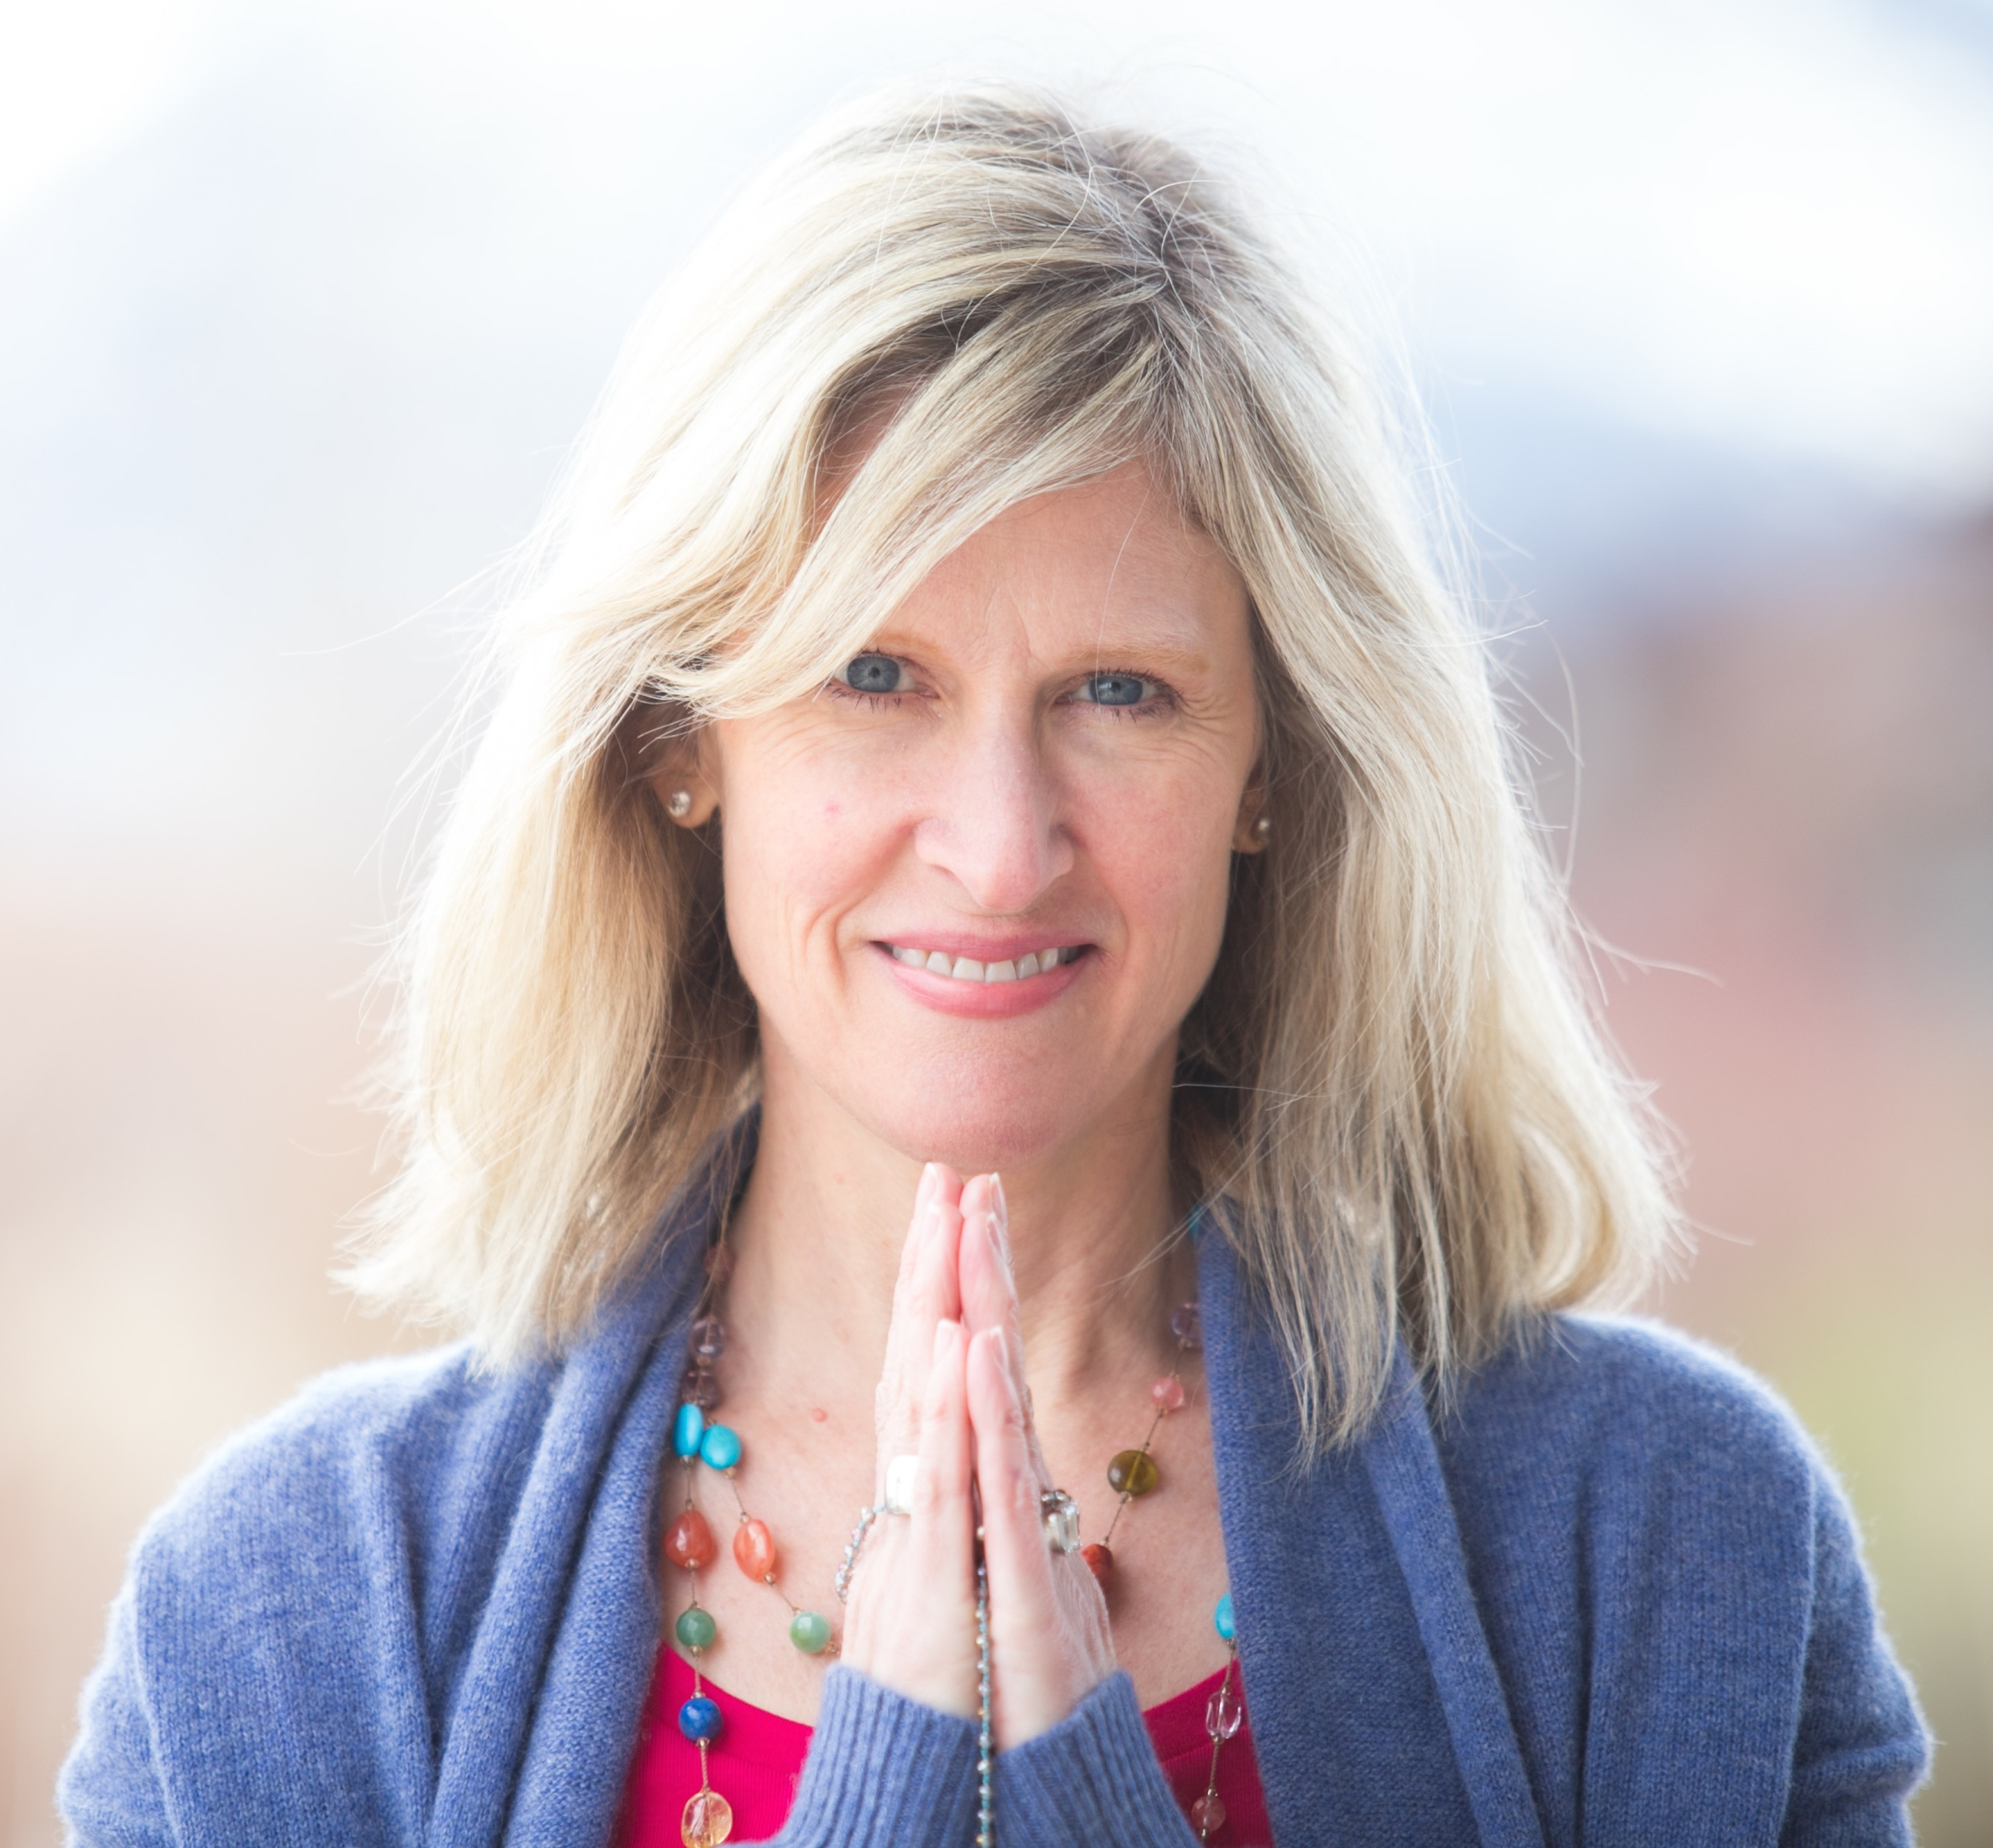 shakti-sutriasa-blog-10-reasons-to-meditate